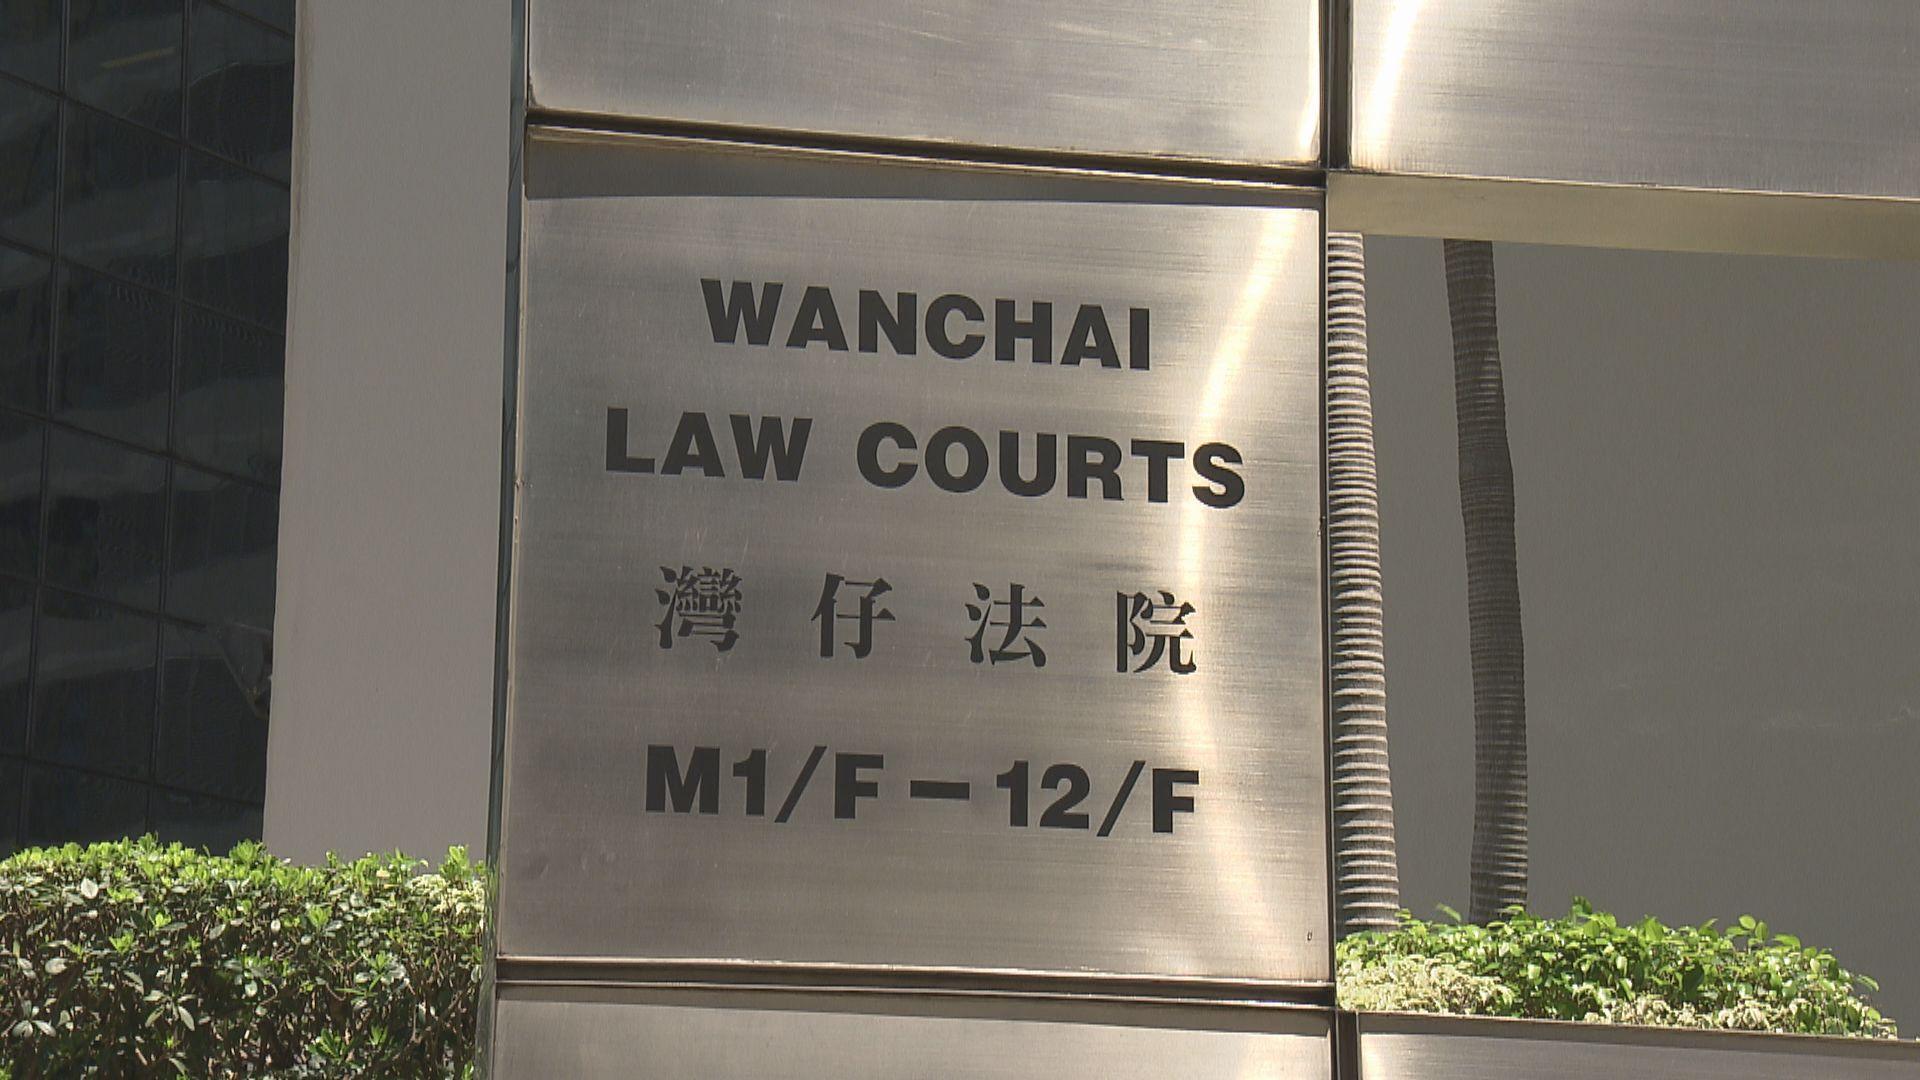 社工陳虹秀等八人涉暴動 警員承認處理證物疏忽